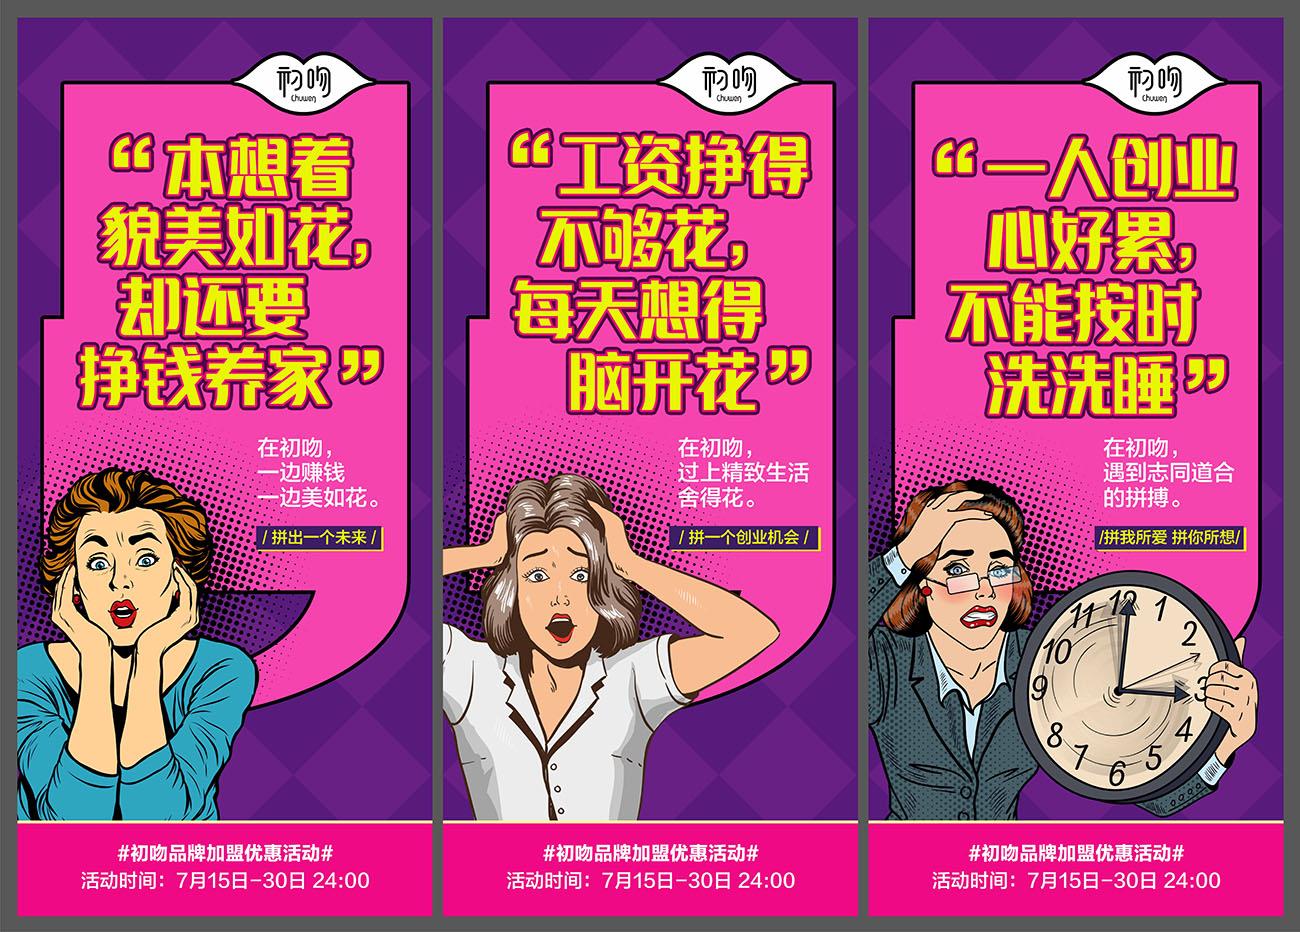 房地产微商波普风创意营销卡通插画系列海报PSD源文件插图